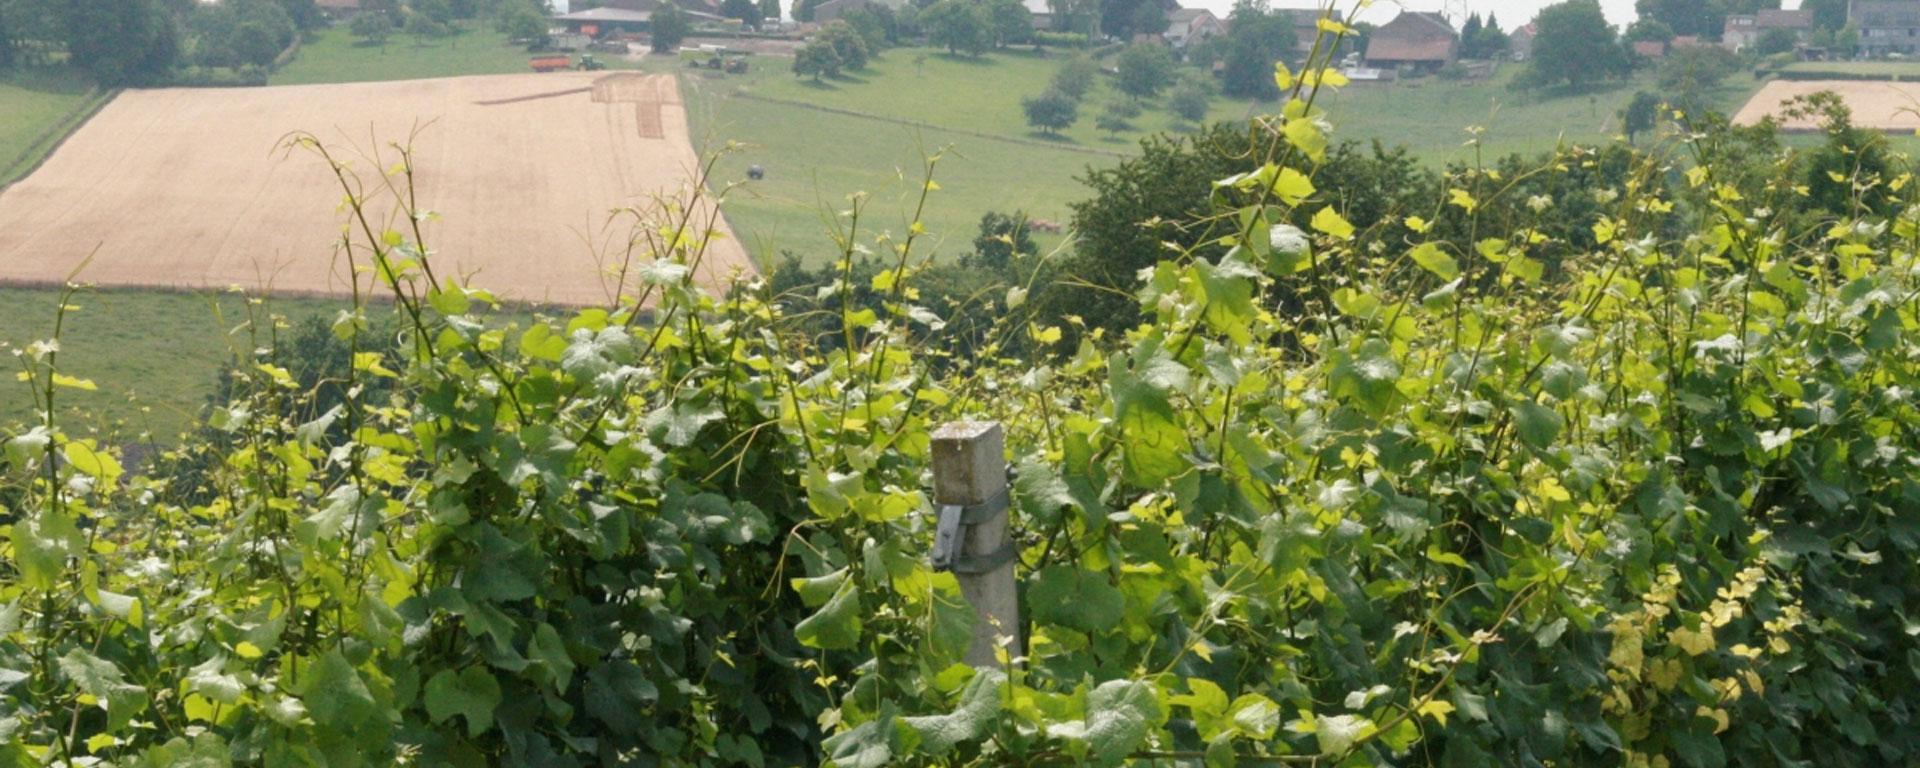 wijngaardsberg.jpg